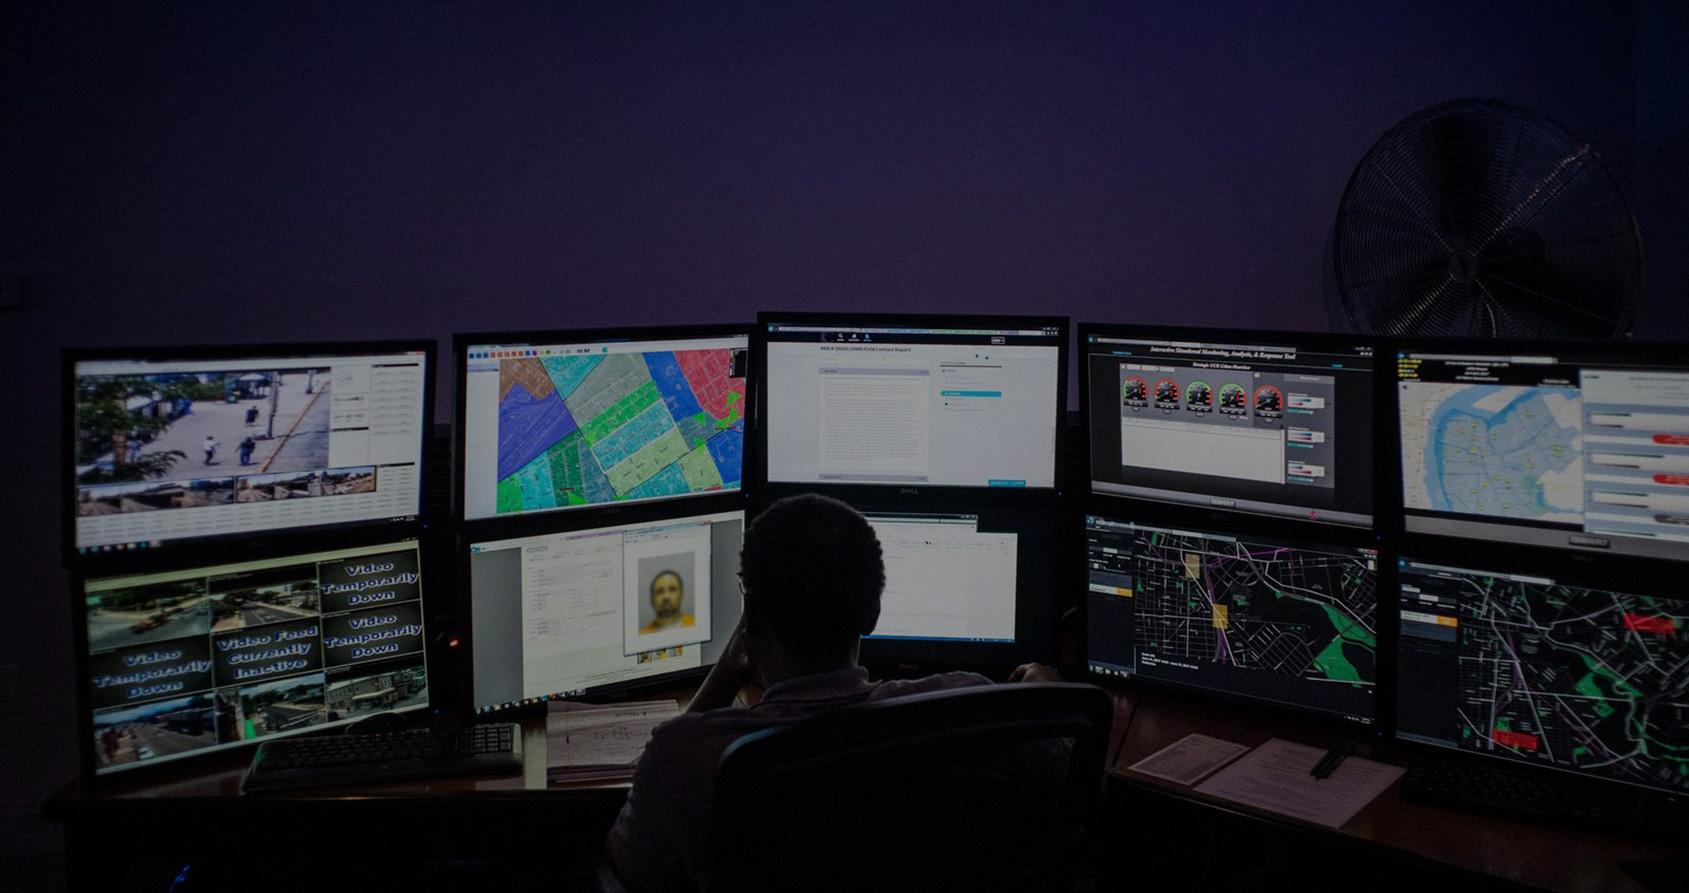 Une intelligence artificielle peut-elle réellement prédire un crime ?